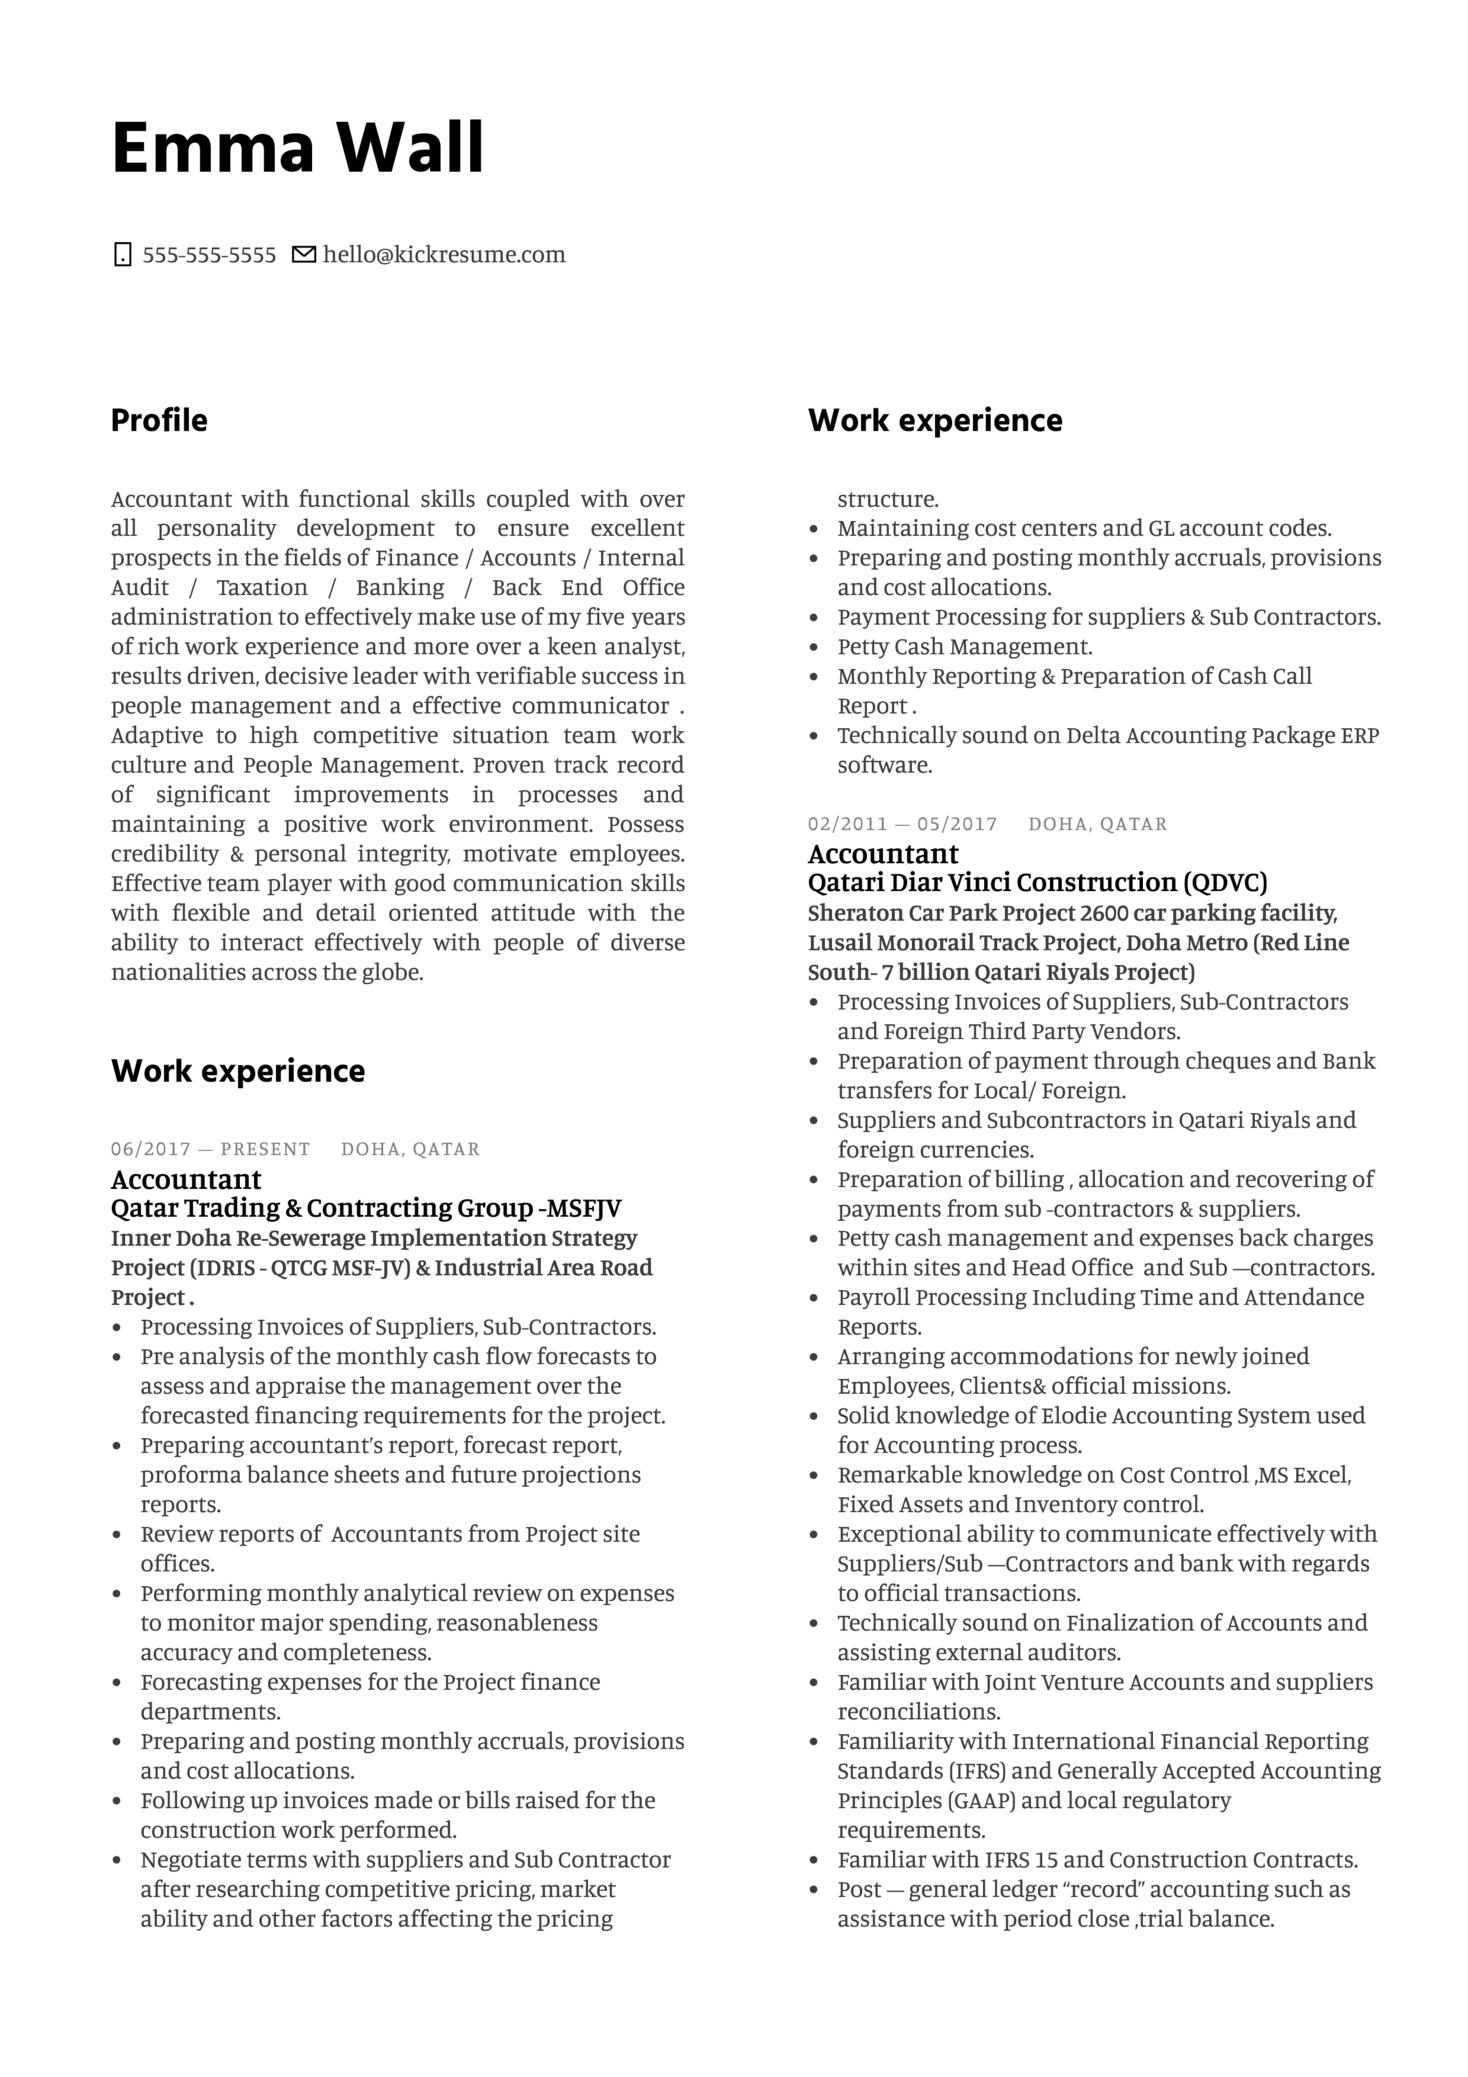 DB Schenker Accountant Resume Example (časť 1)